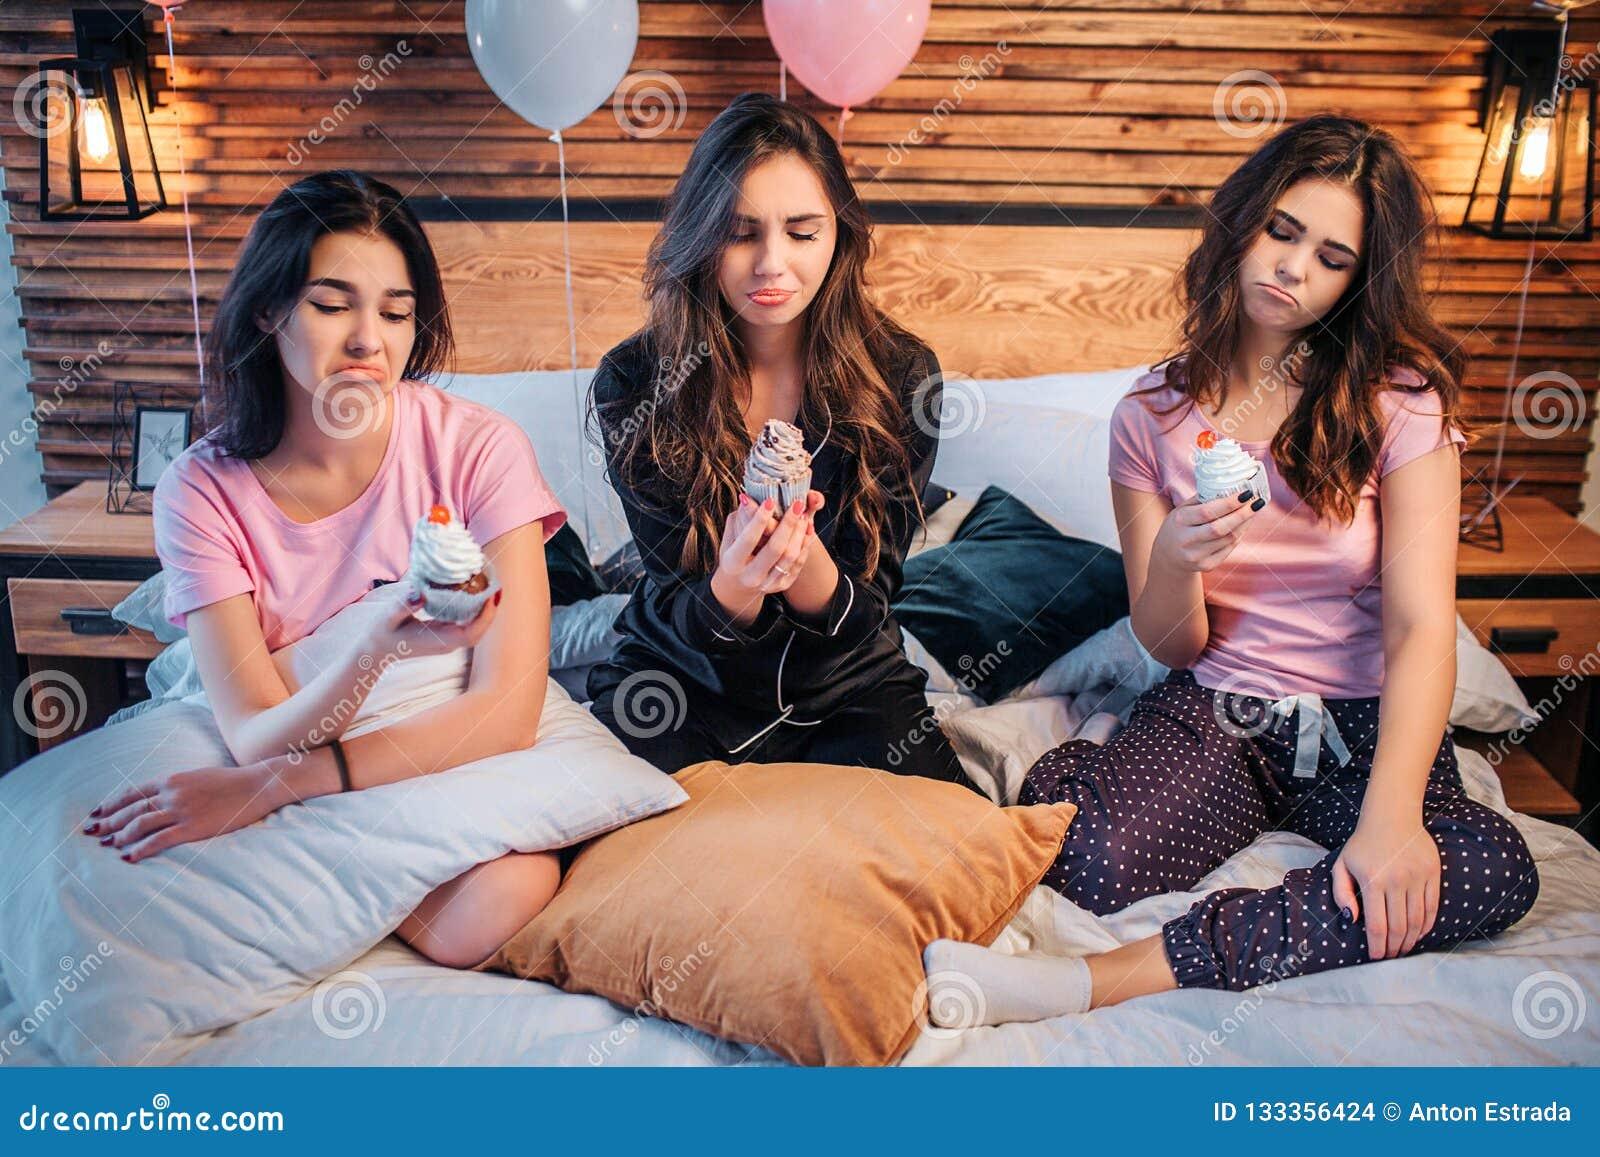 De droevige en verstoorde jonge vrouwen zitten op bed in ruimte Zij houden cakes en bekijken hen De jonge vrouwen zijn ongelukkig